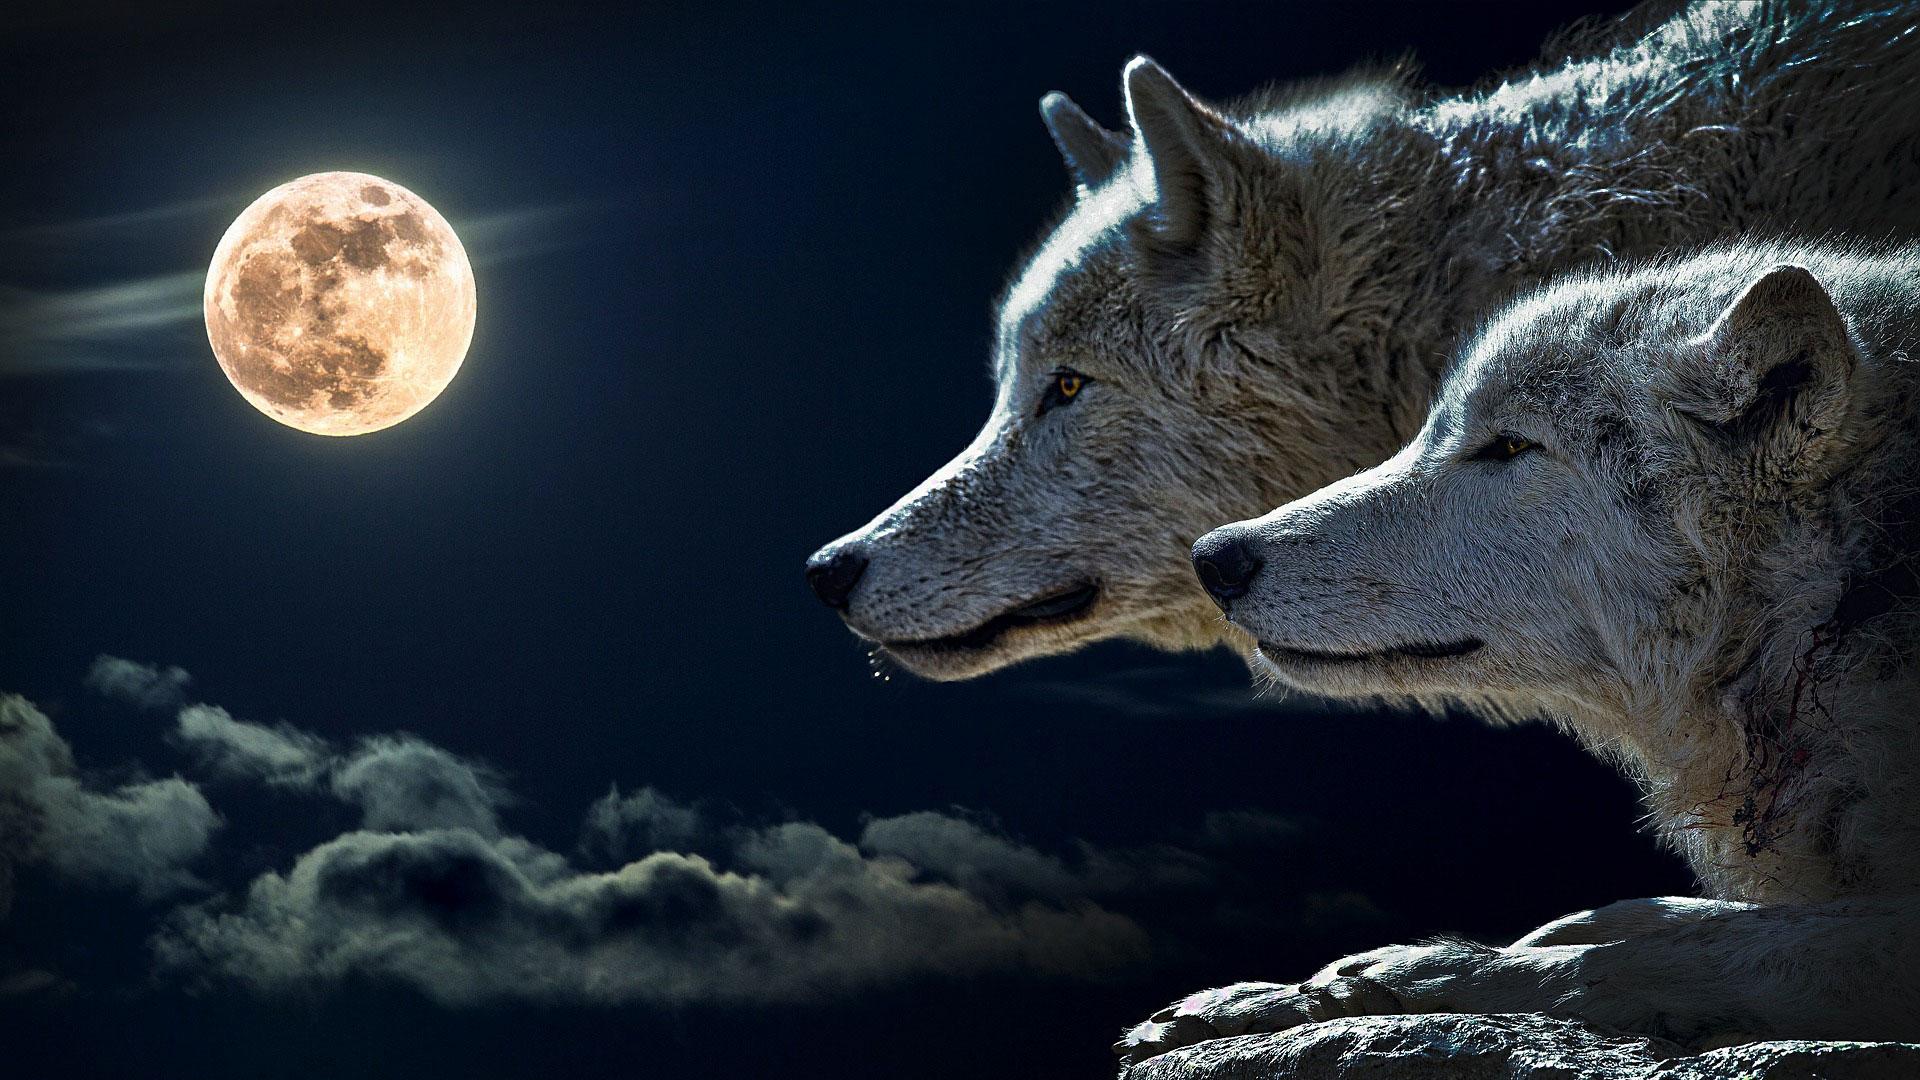 Wolfy's Tales by Peter W Schaper